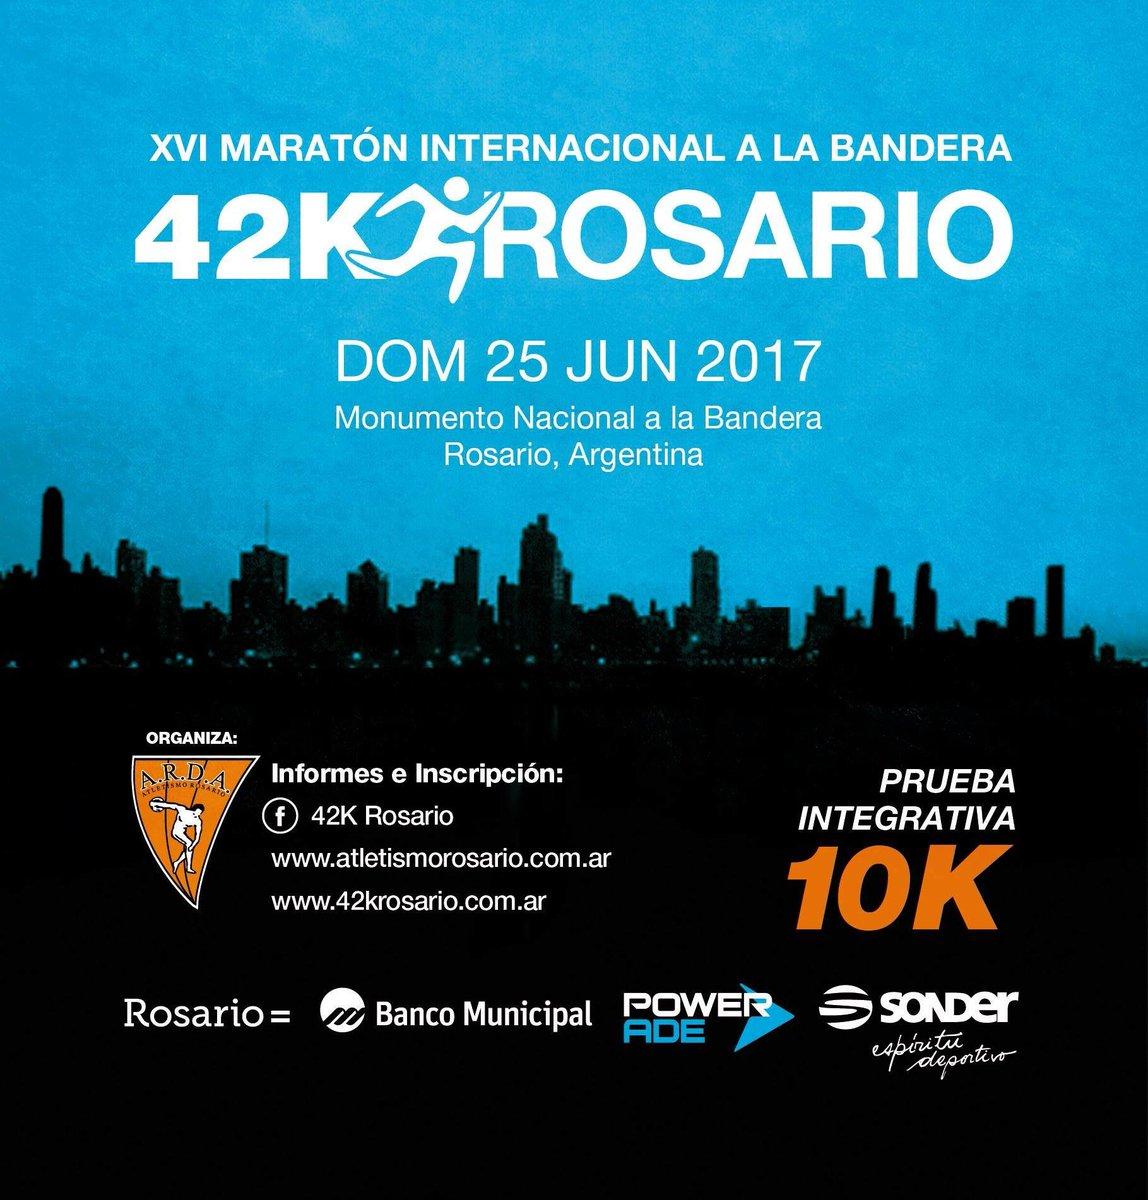 42k Rosario 2017 maraton de la bandera locos por correr 01